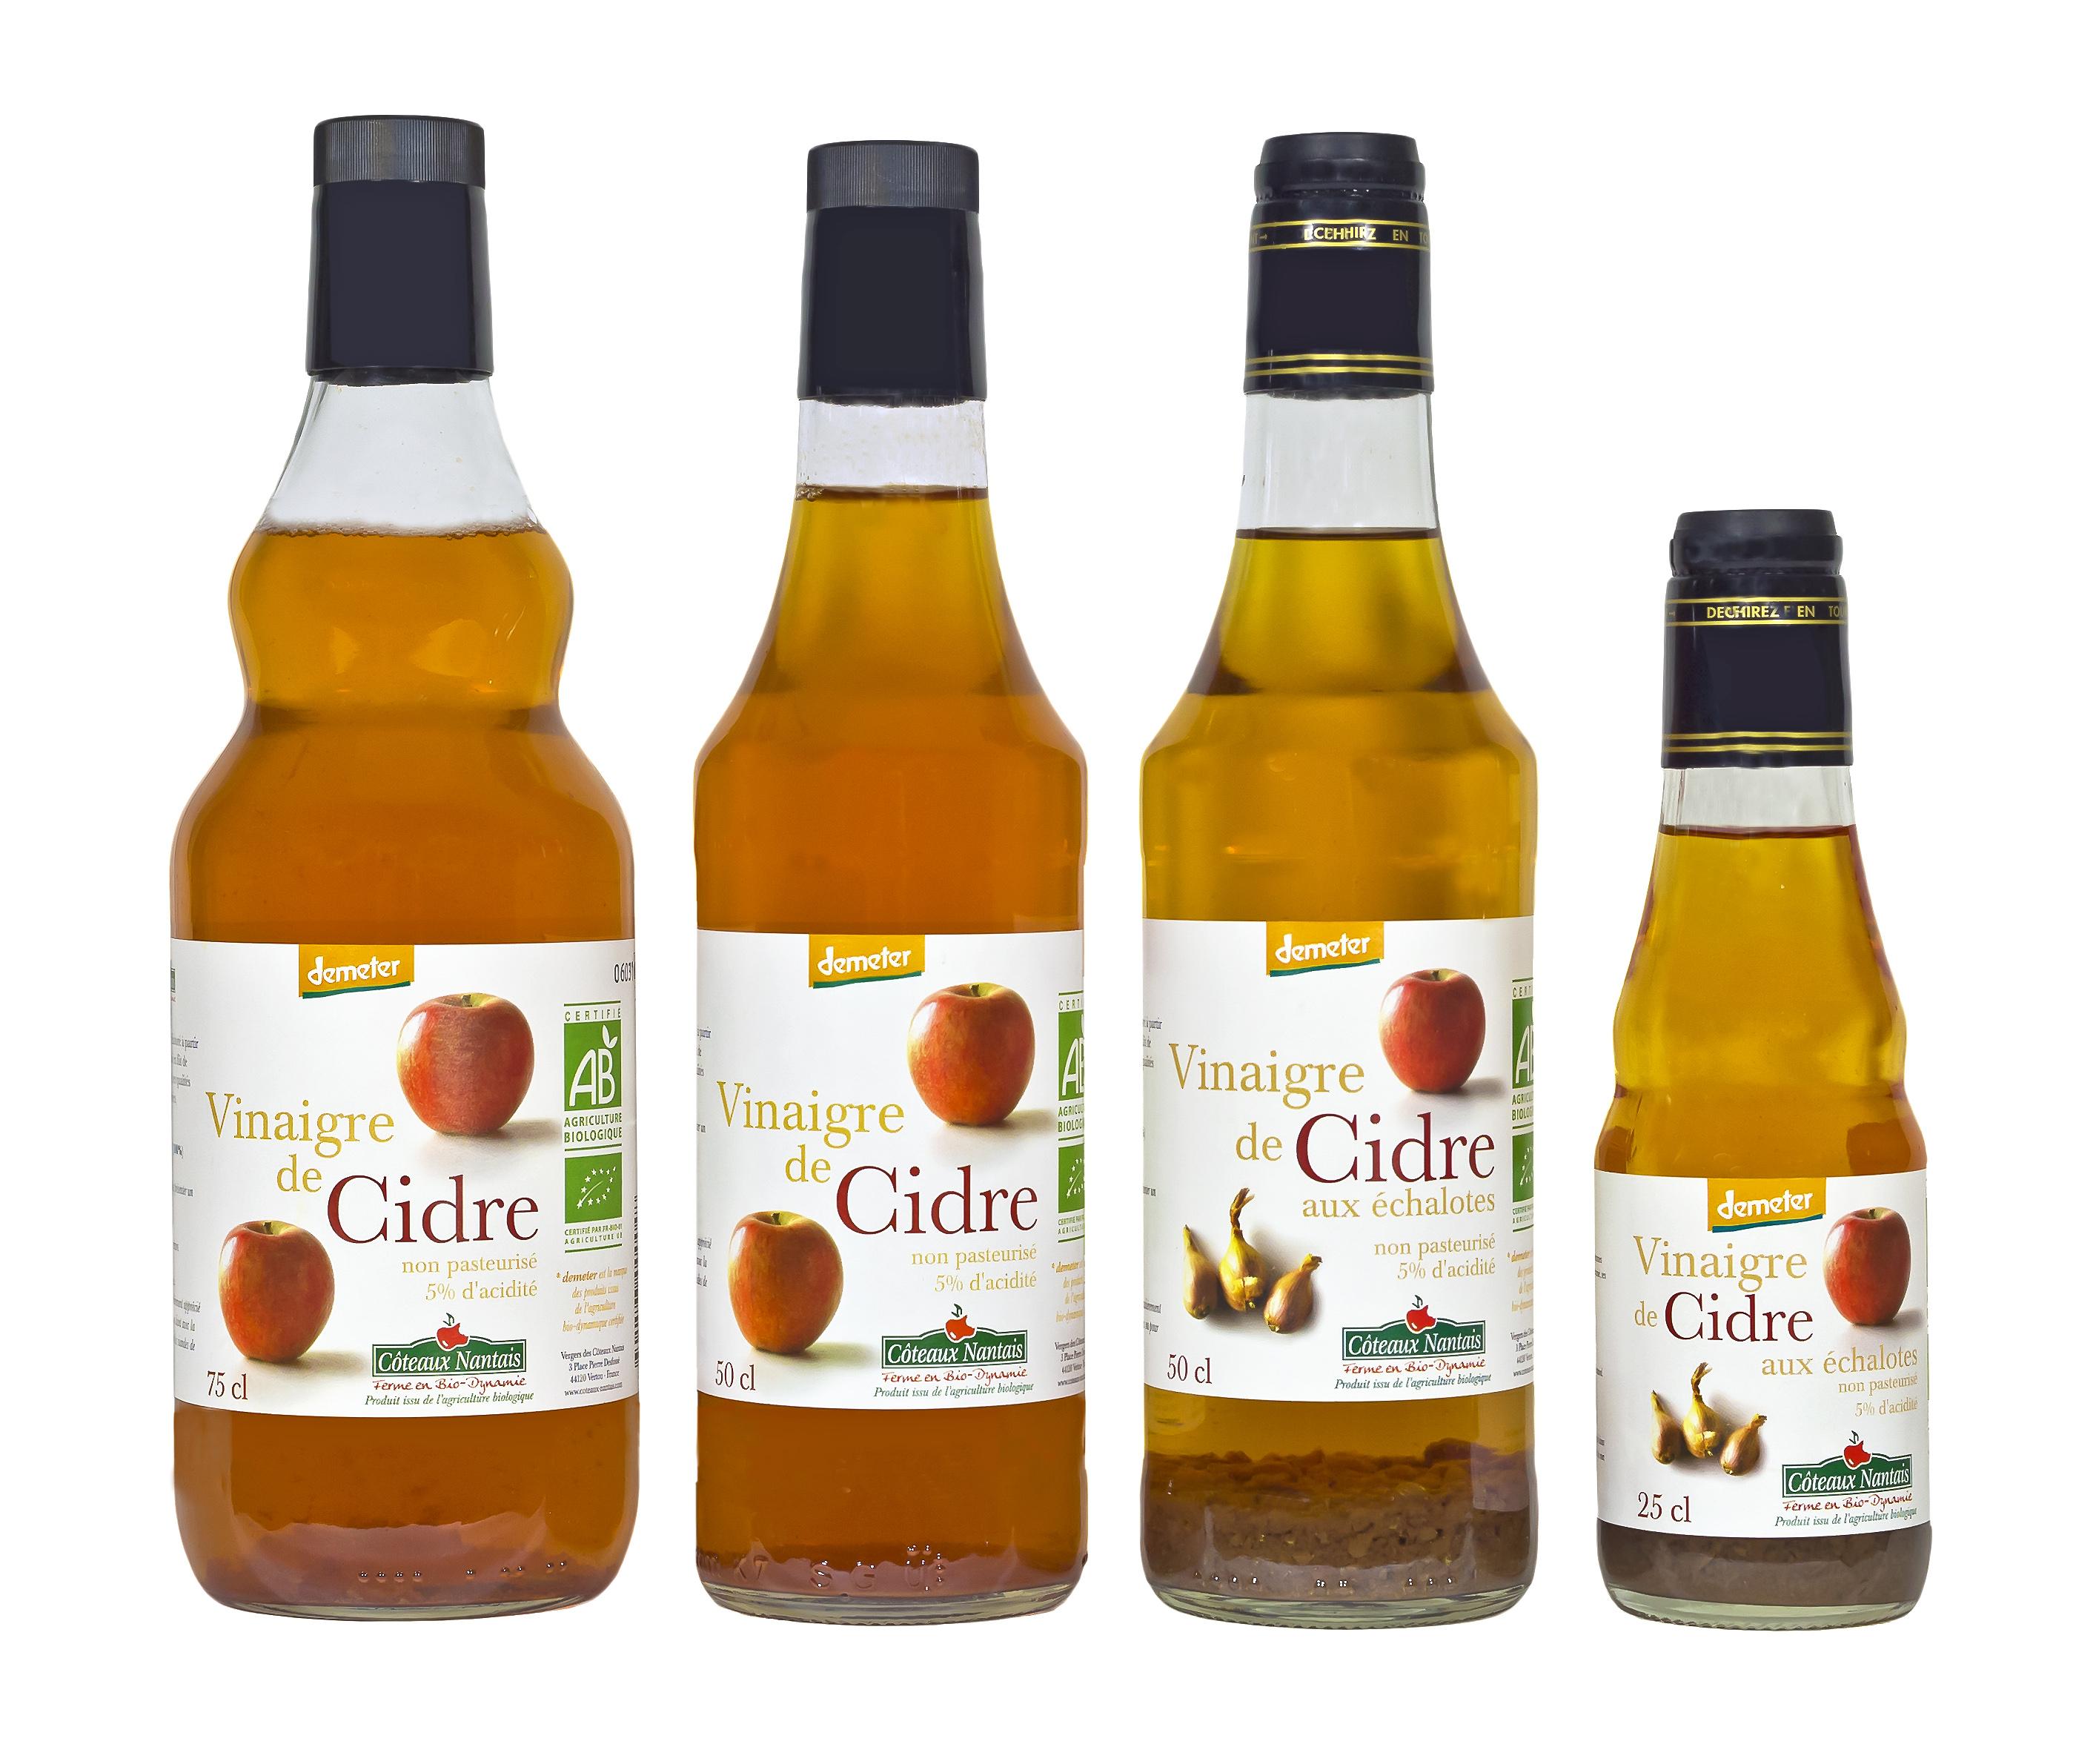 Pin le vinaigre de cidre on pinterest - Vinaigre desherbant naturel ...